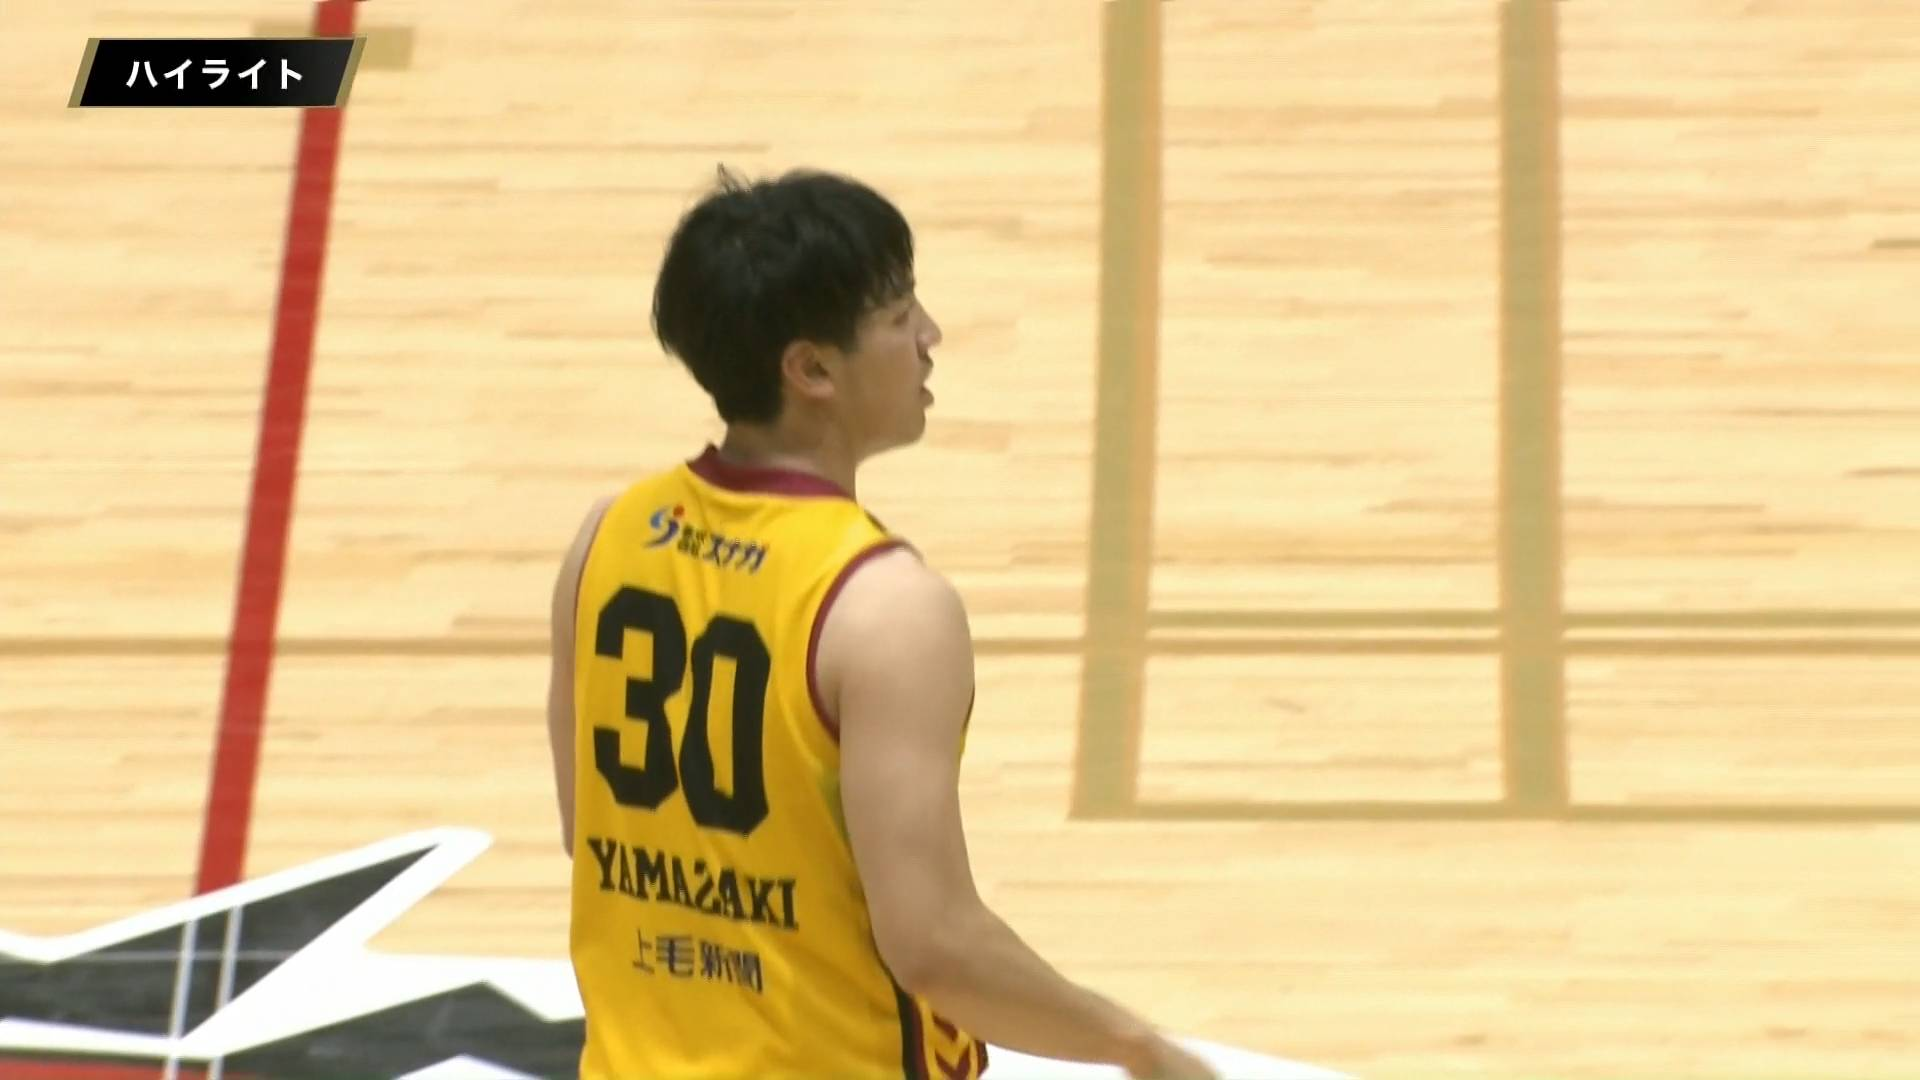 【ハイライト】【B2PO SF】05/15 群馬 vs 越谷 GAME1 (20-21 ポストシーズン)